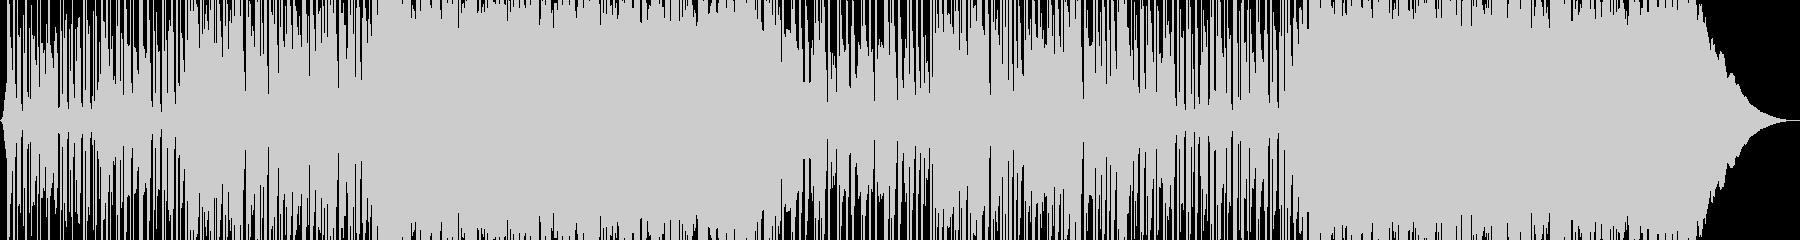 ポップロック ポジティブ 明るい ...の未再生の波形